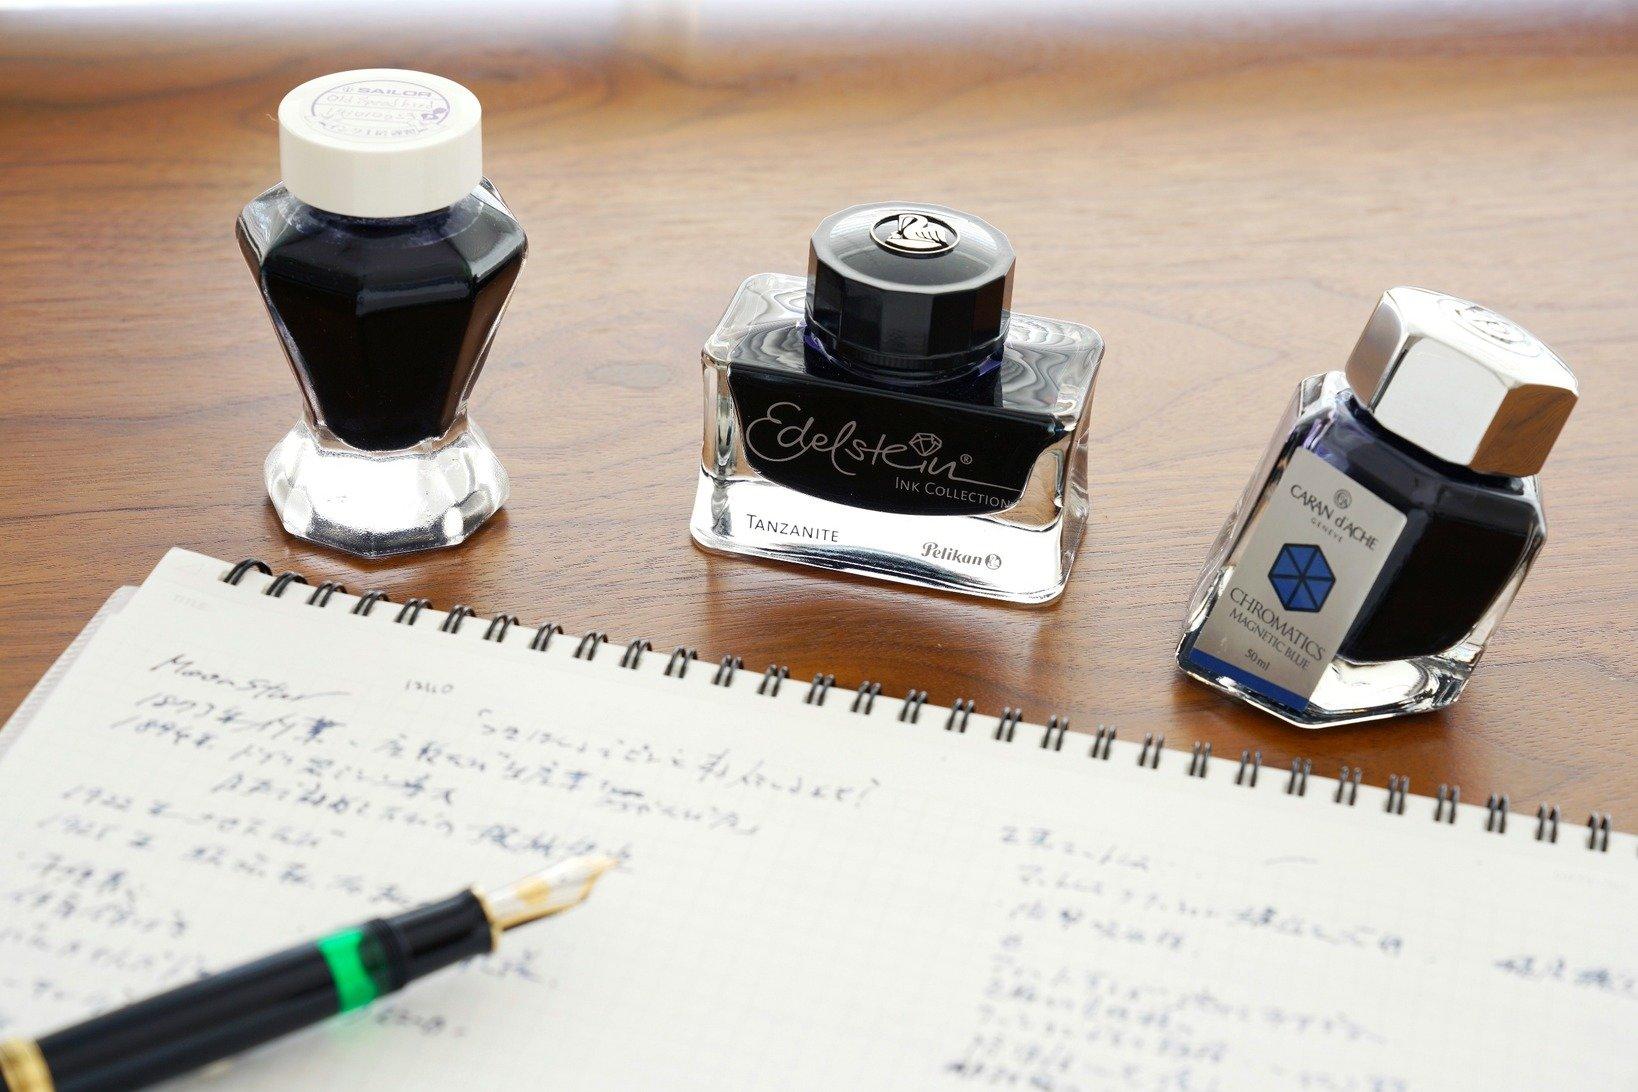 飯野さん愛用のブルーブラックのインク。セーラーのインク工房で作成したオリジナル品、ペリカン「エーデルシュタイン タンザナイト」、カランダッシュ「マグネティックブルー」。